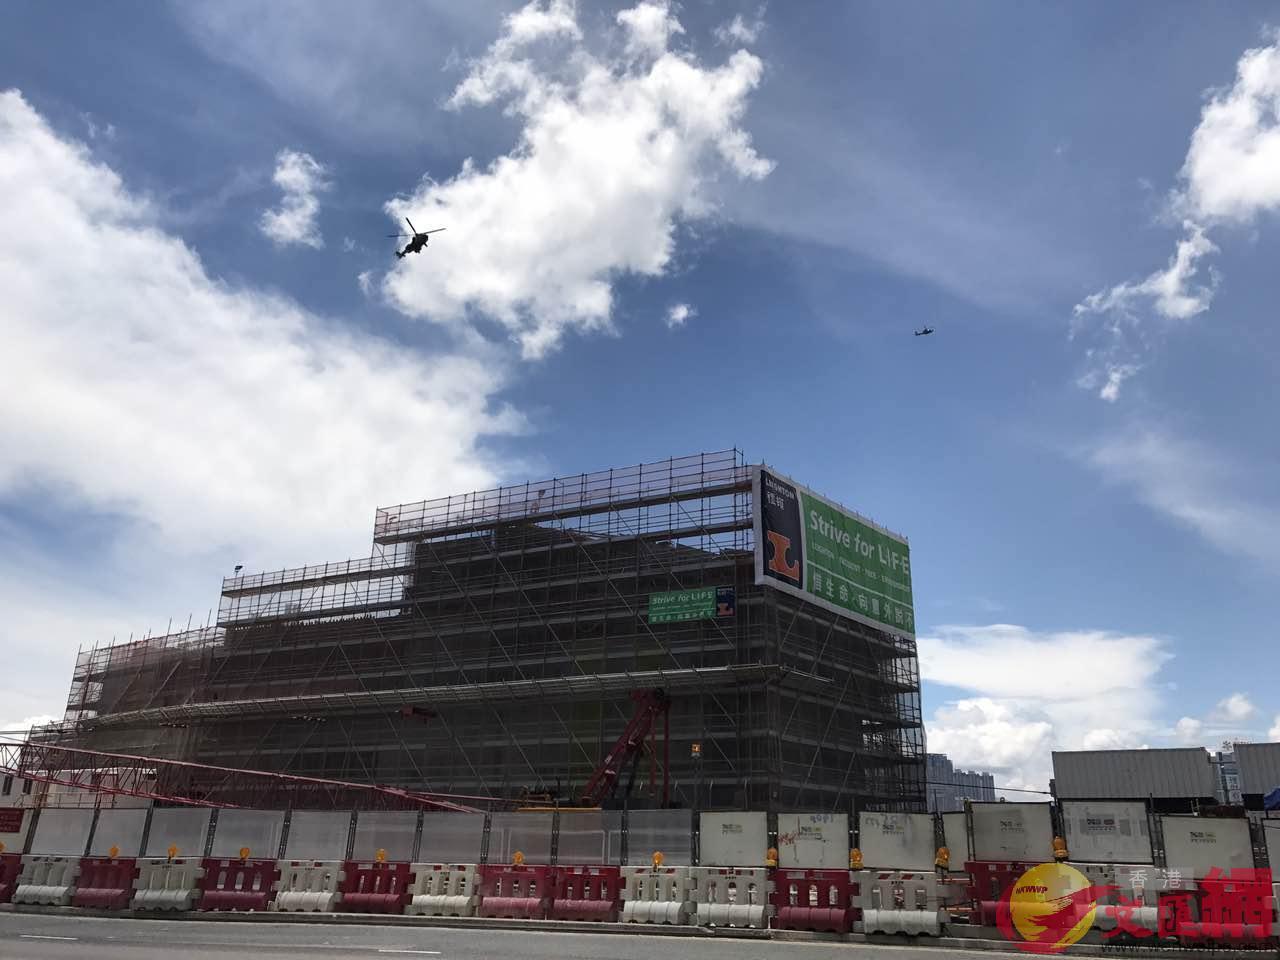 香港政府飛行服務隊兩架直升機在車隊上空盤旋(大公文匯全媒體記者陳卓康攝)